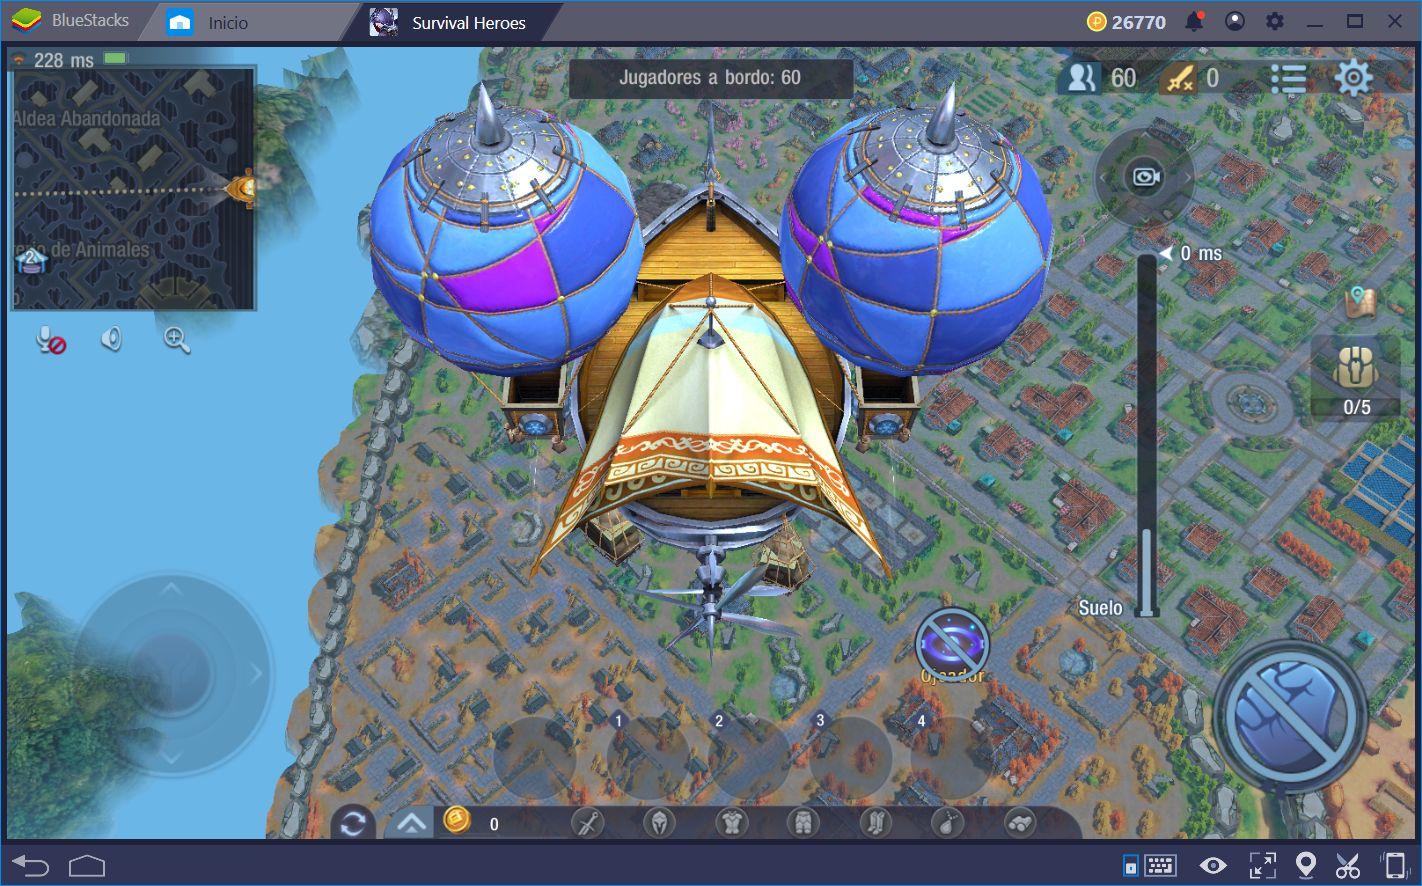 Survival Heroes: Lo Mejor de Los MOBAs y Battle Royale en un Sólo Paquete